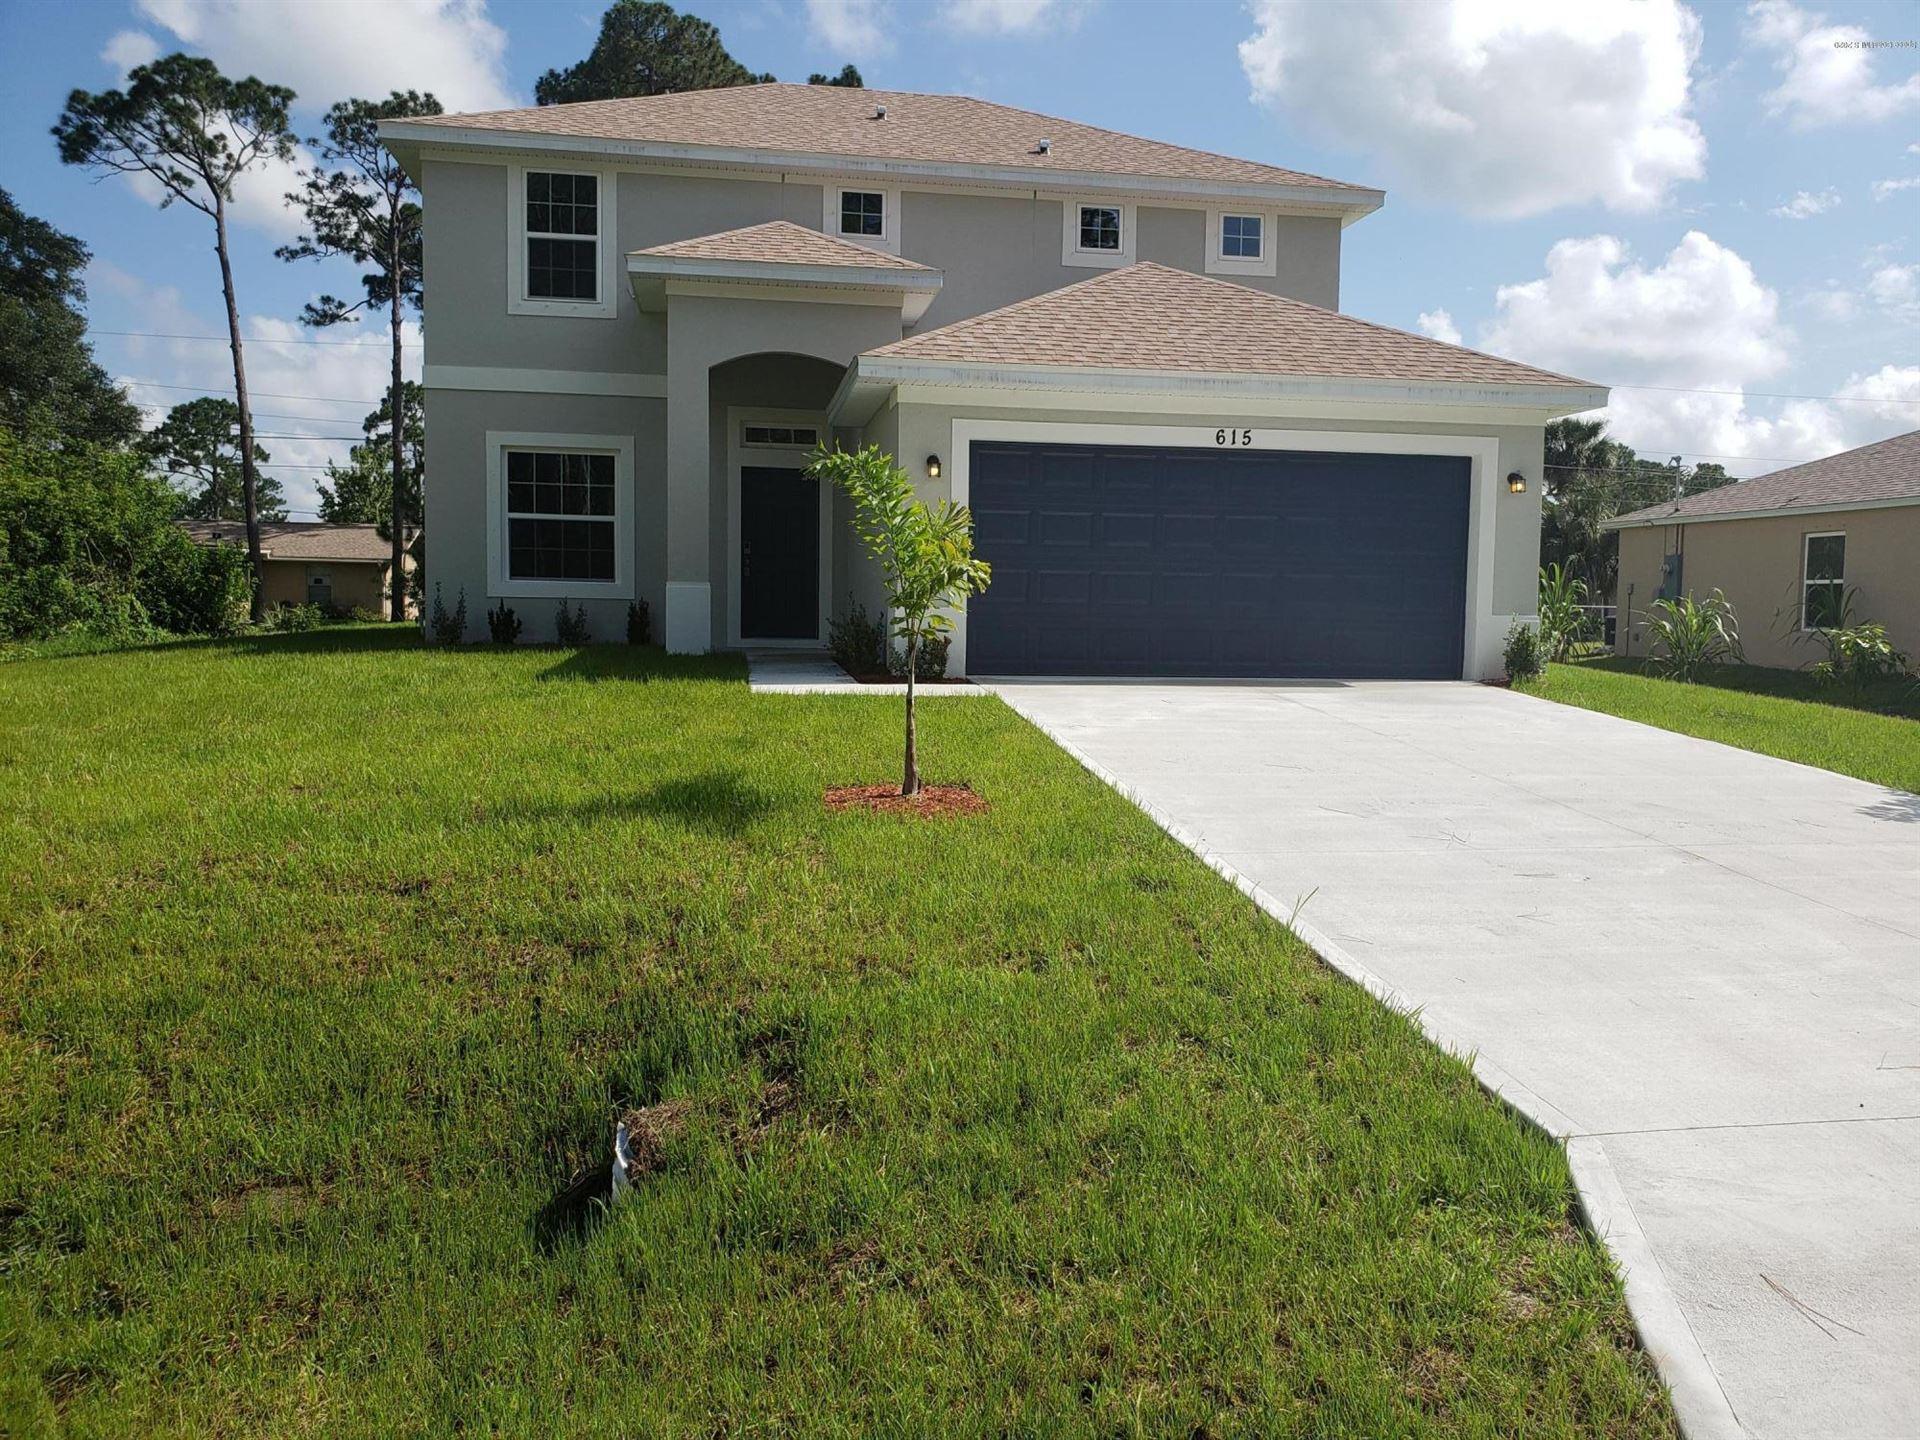 615 SE Blackhorse Street, Palm Bay, FL 32909 - #: 865720